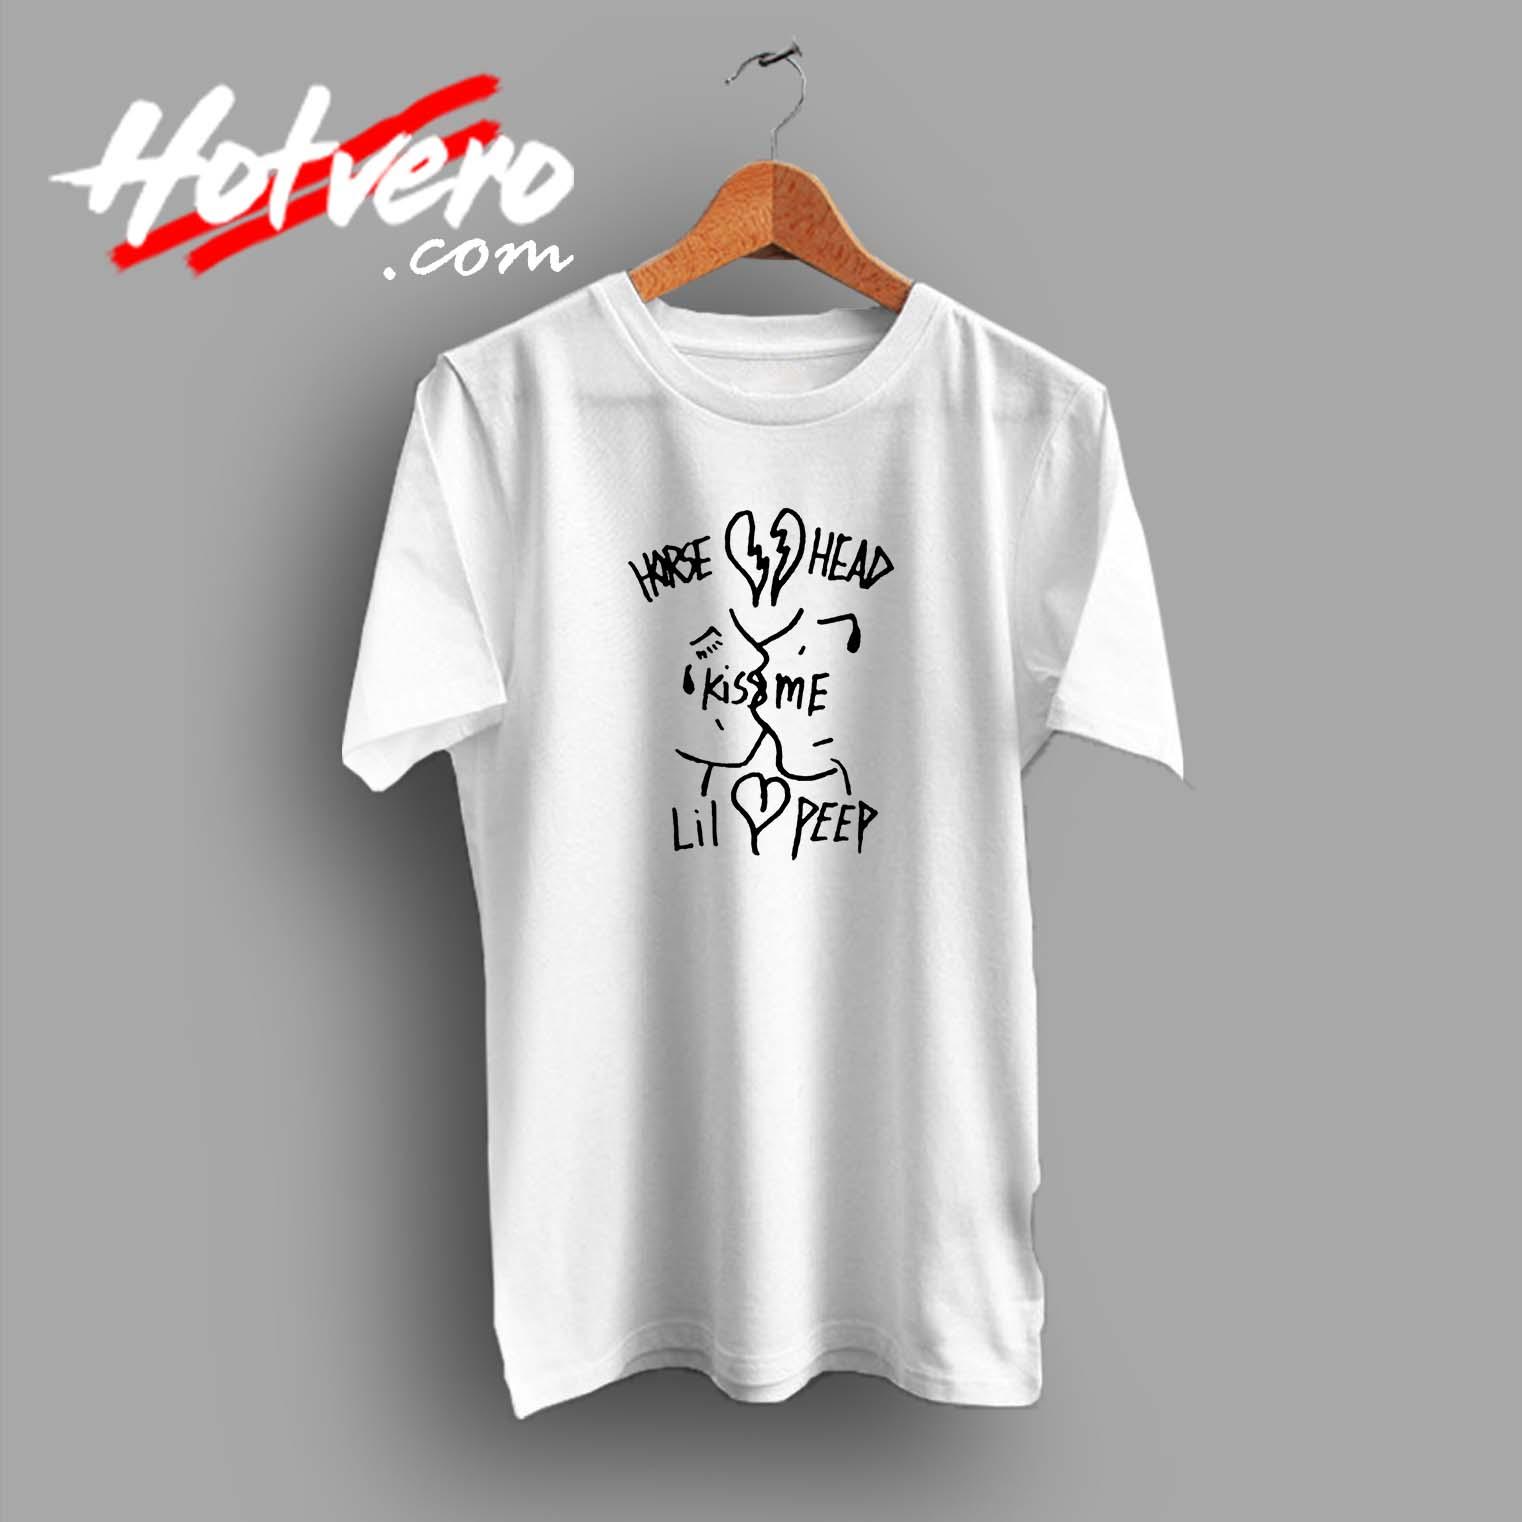 bc0df473 Lil Peep Hellboy Kiss Me Custom T Shirt - Hotvero